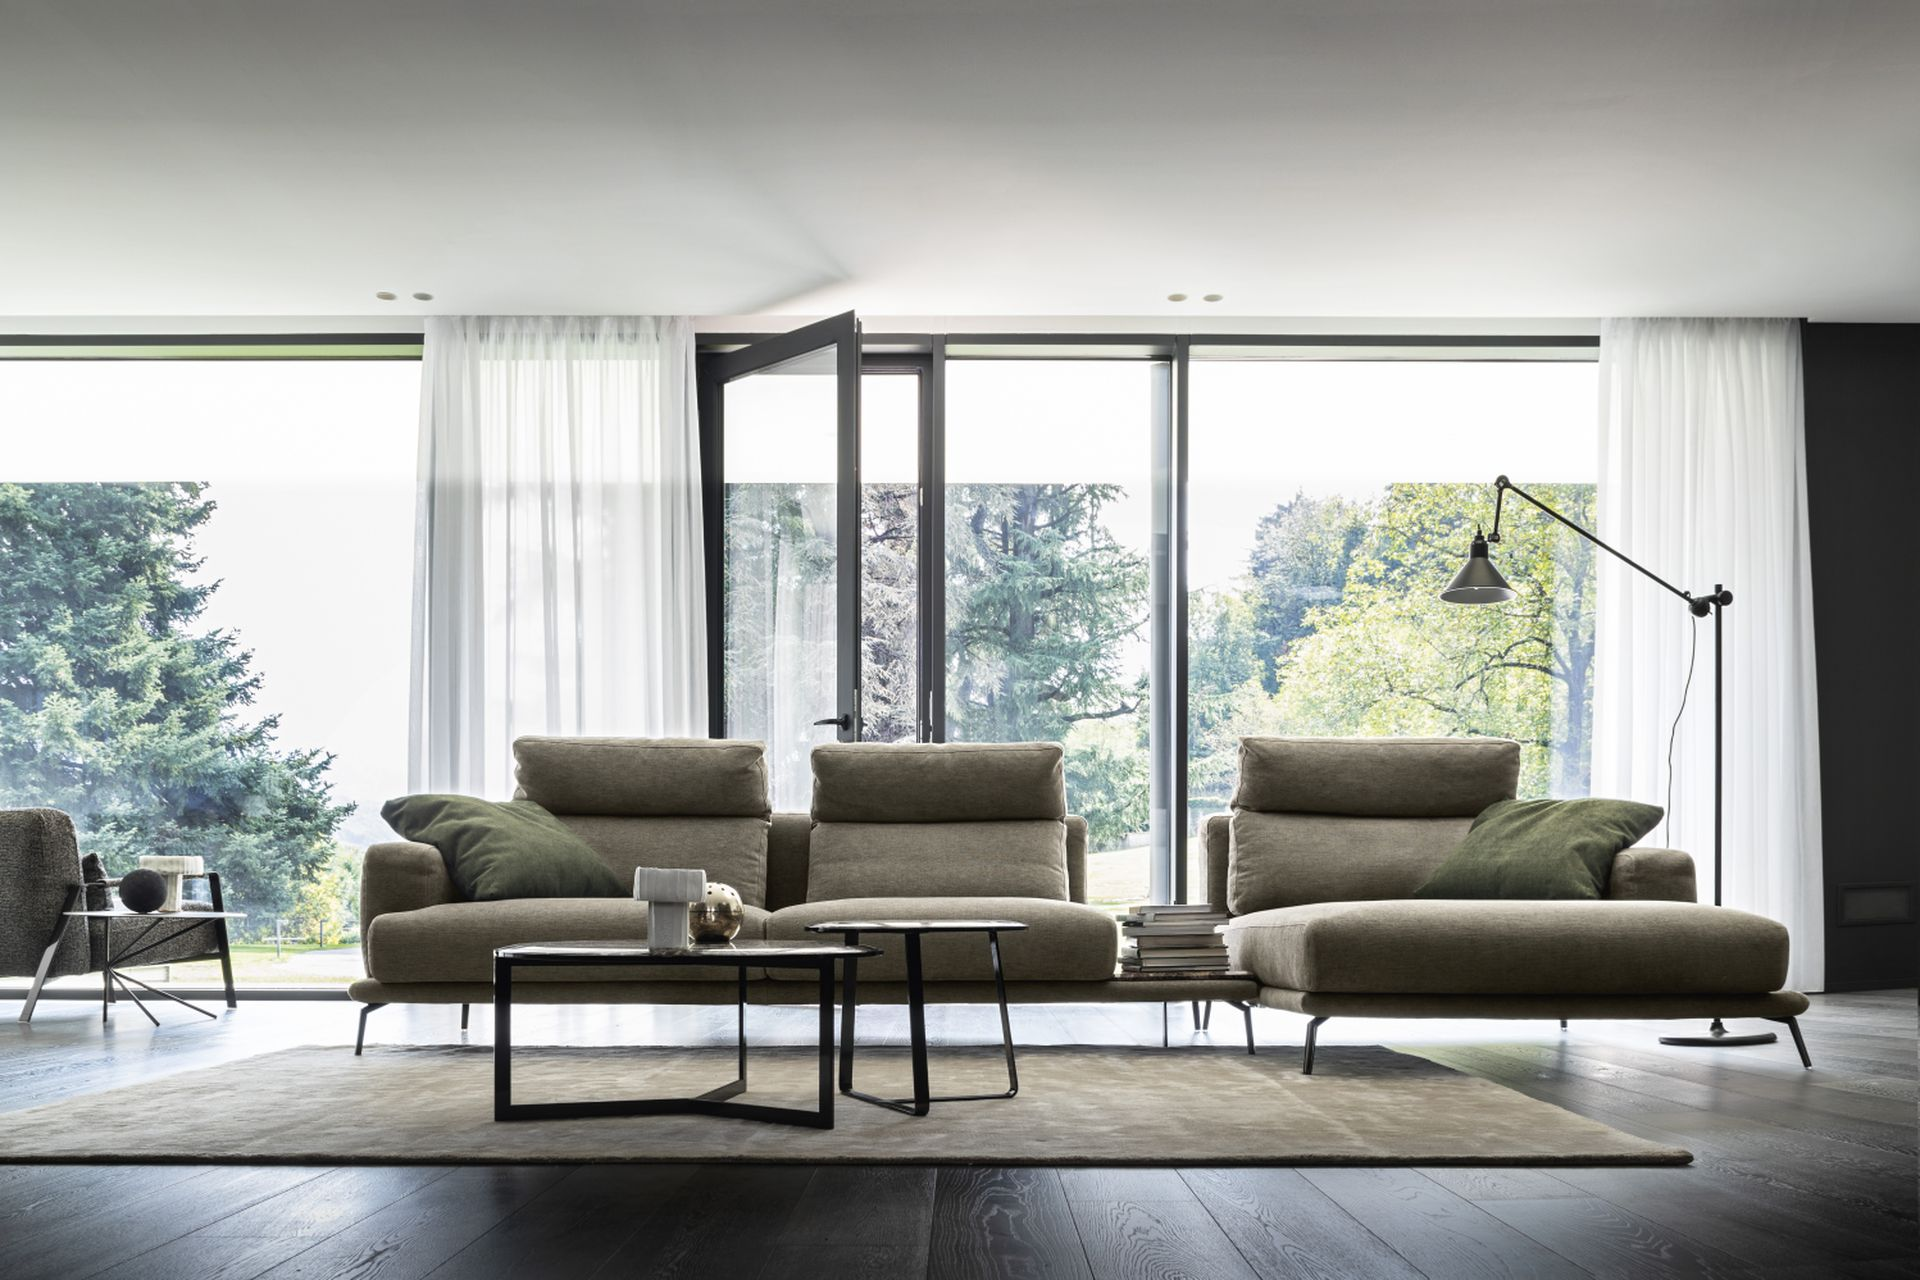 Зустрічайте новинку!!! Ексклюзивні дивани від Nicoline тільки у нашому салоні MB Design